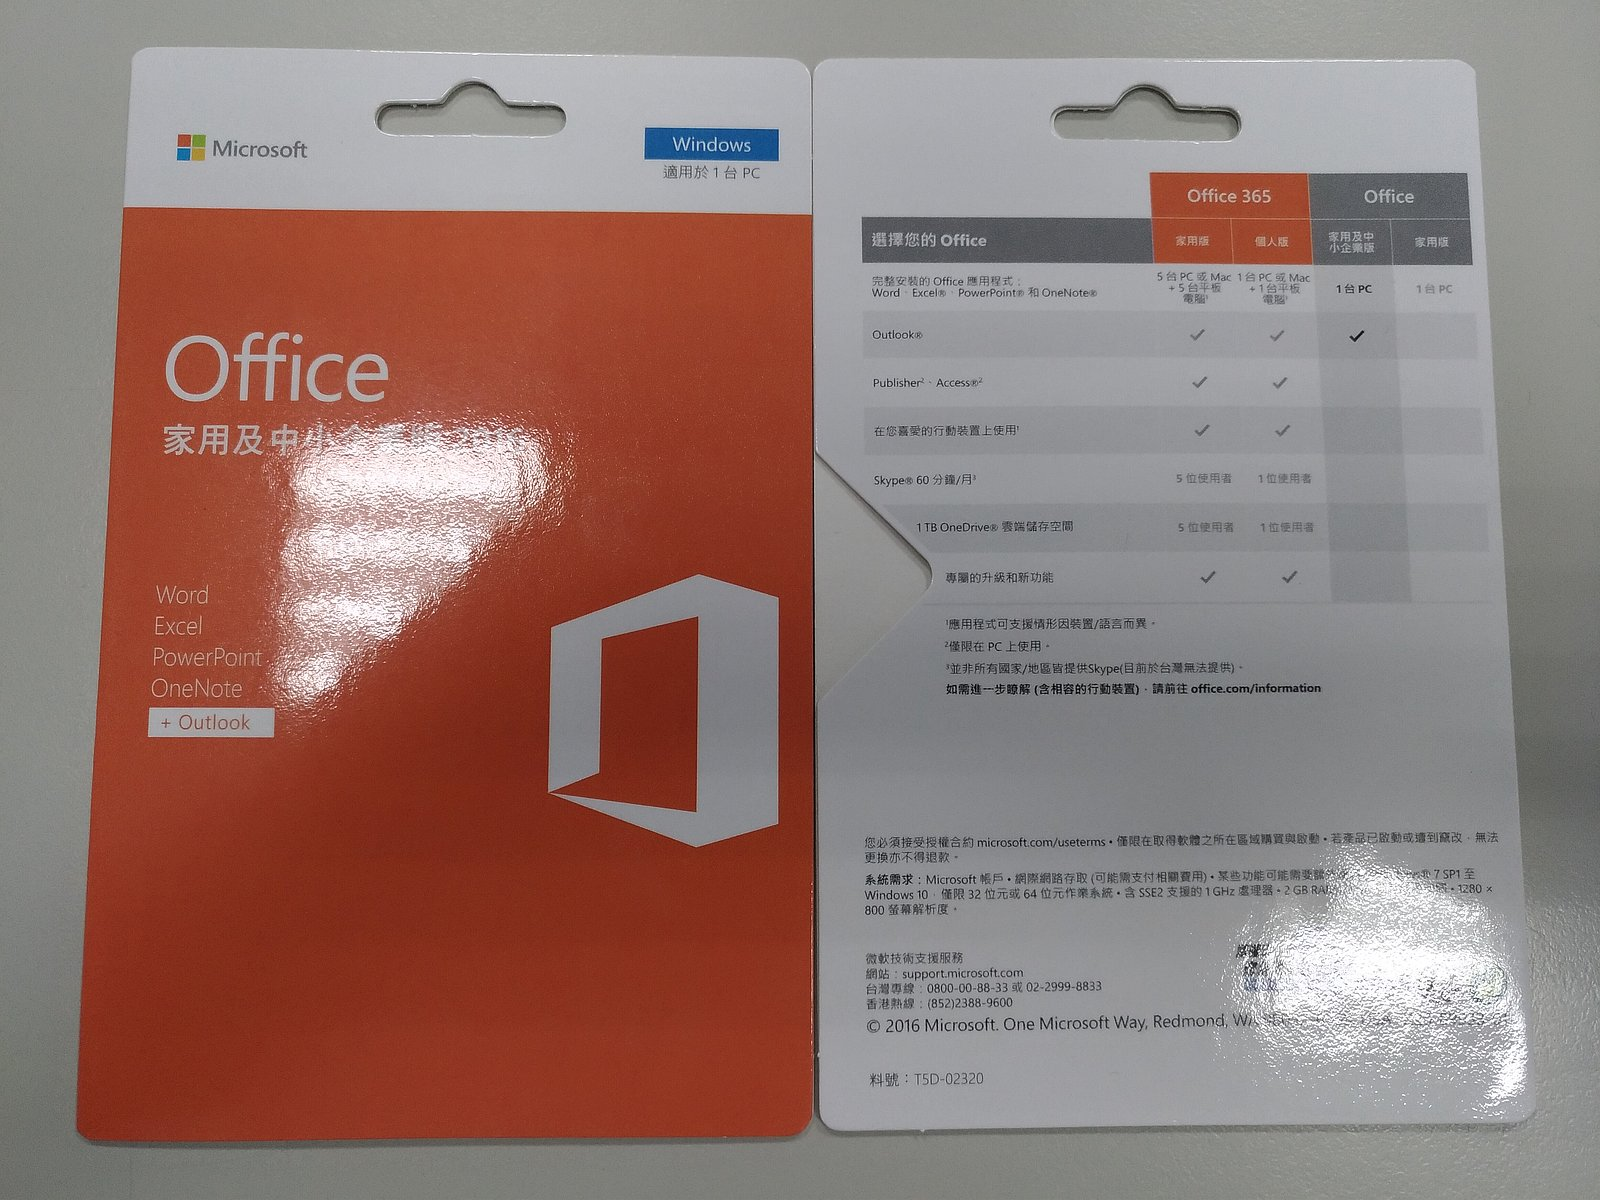 Office 2016 家用及中小企業版 吊卡版包裝